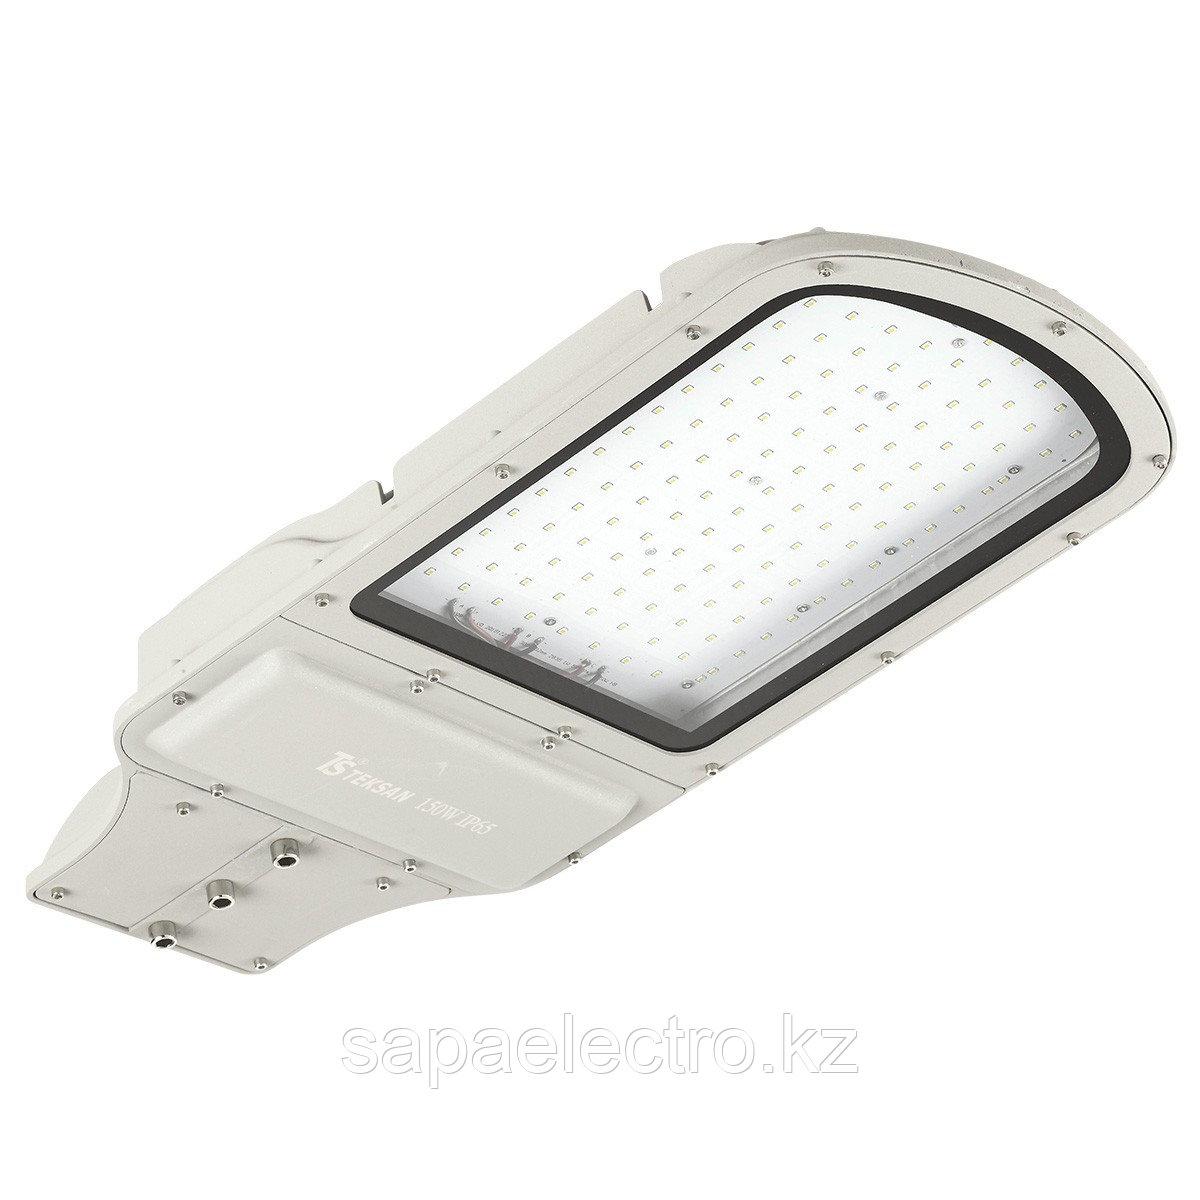 Свет-к RKU LED SMD L011A  150W 6000K  с линзами (TE